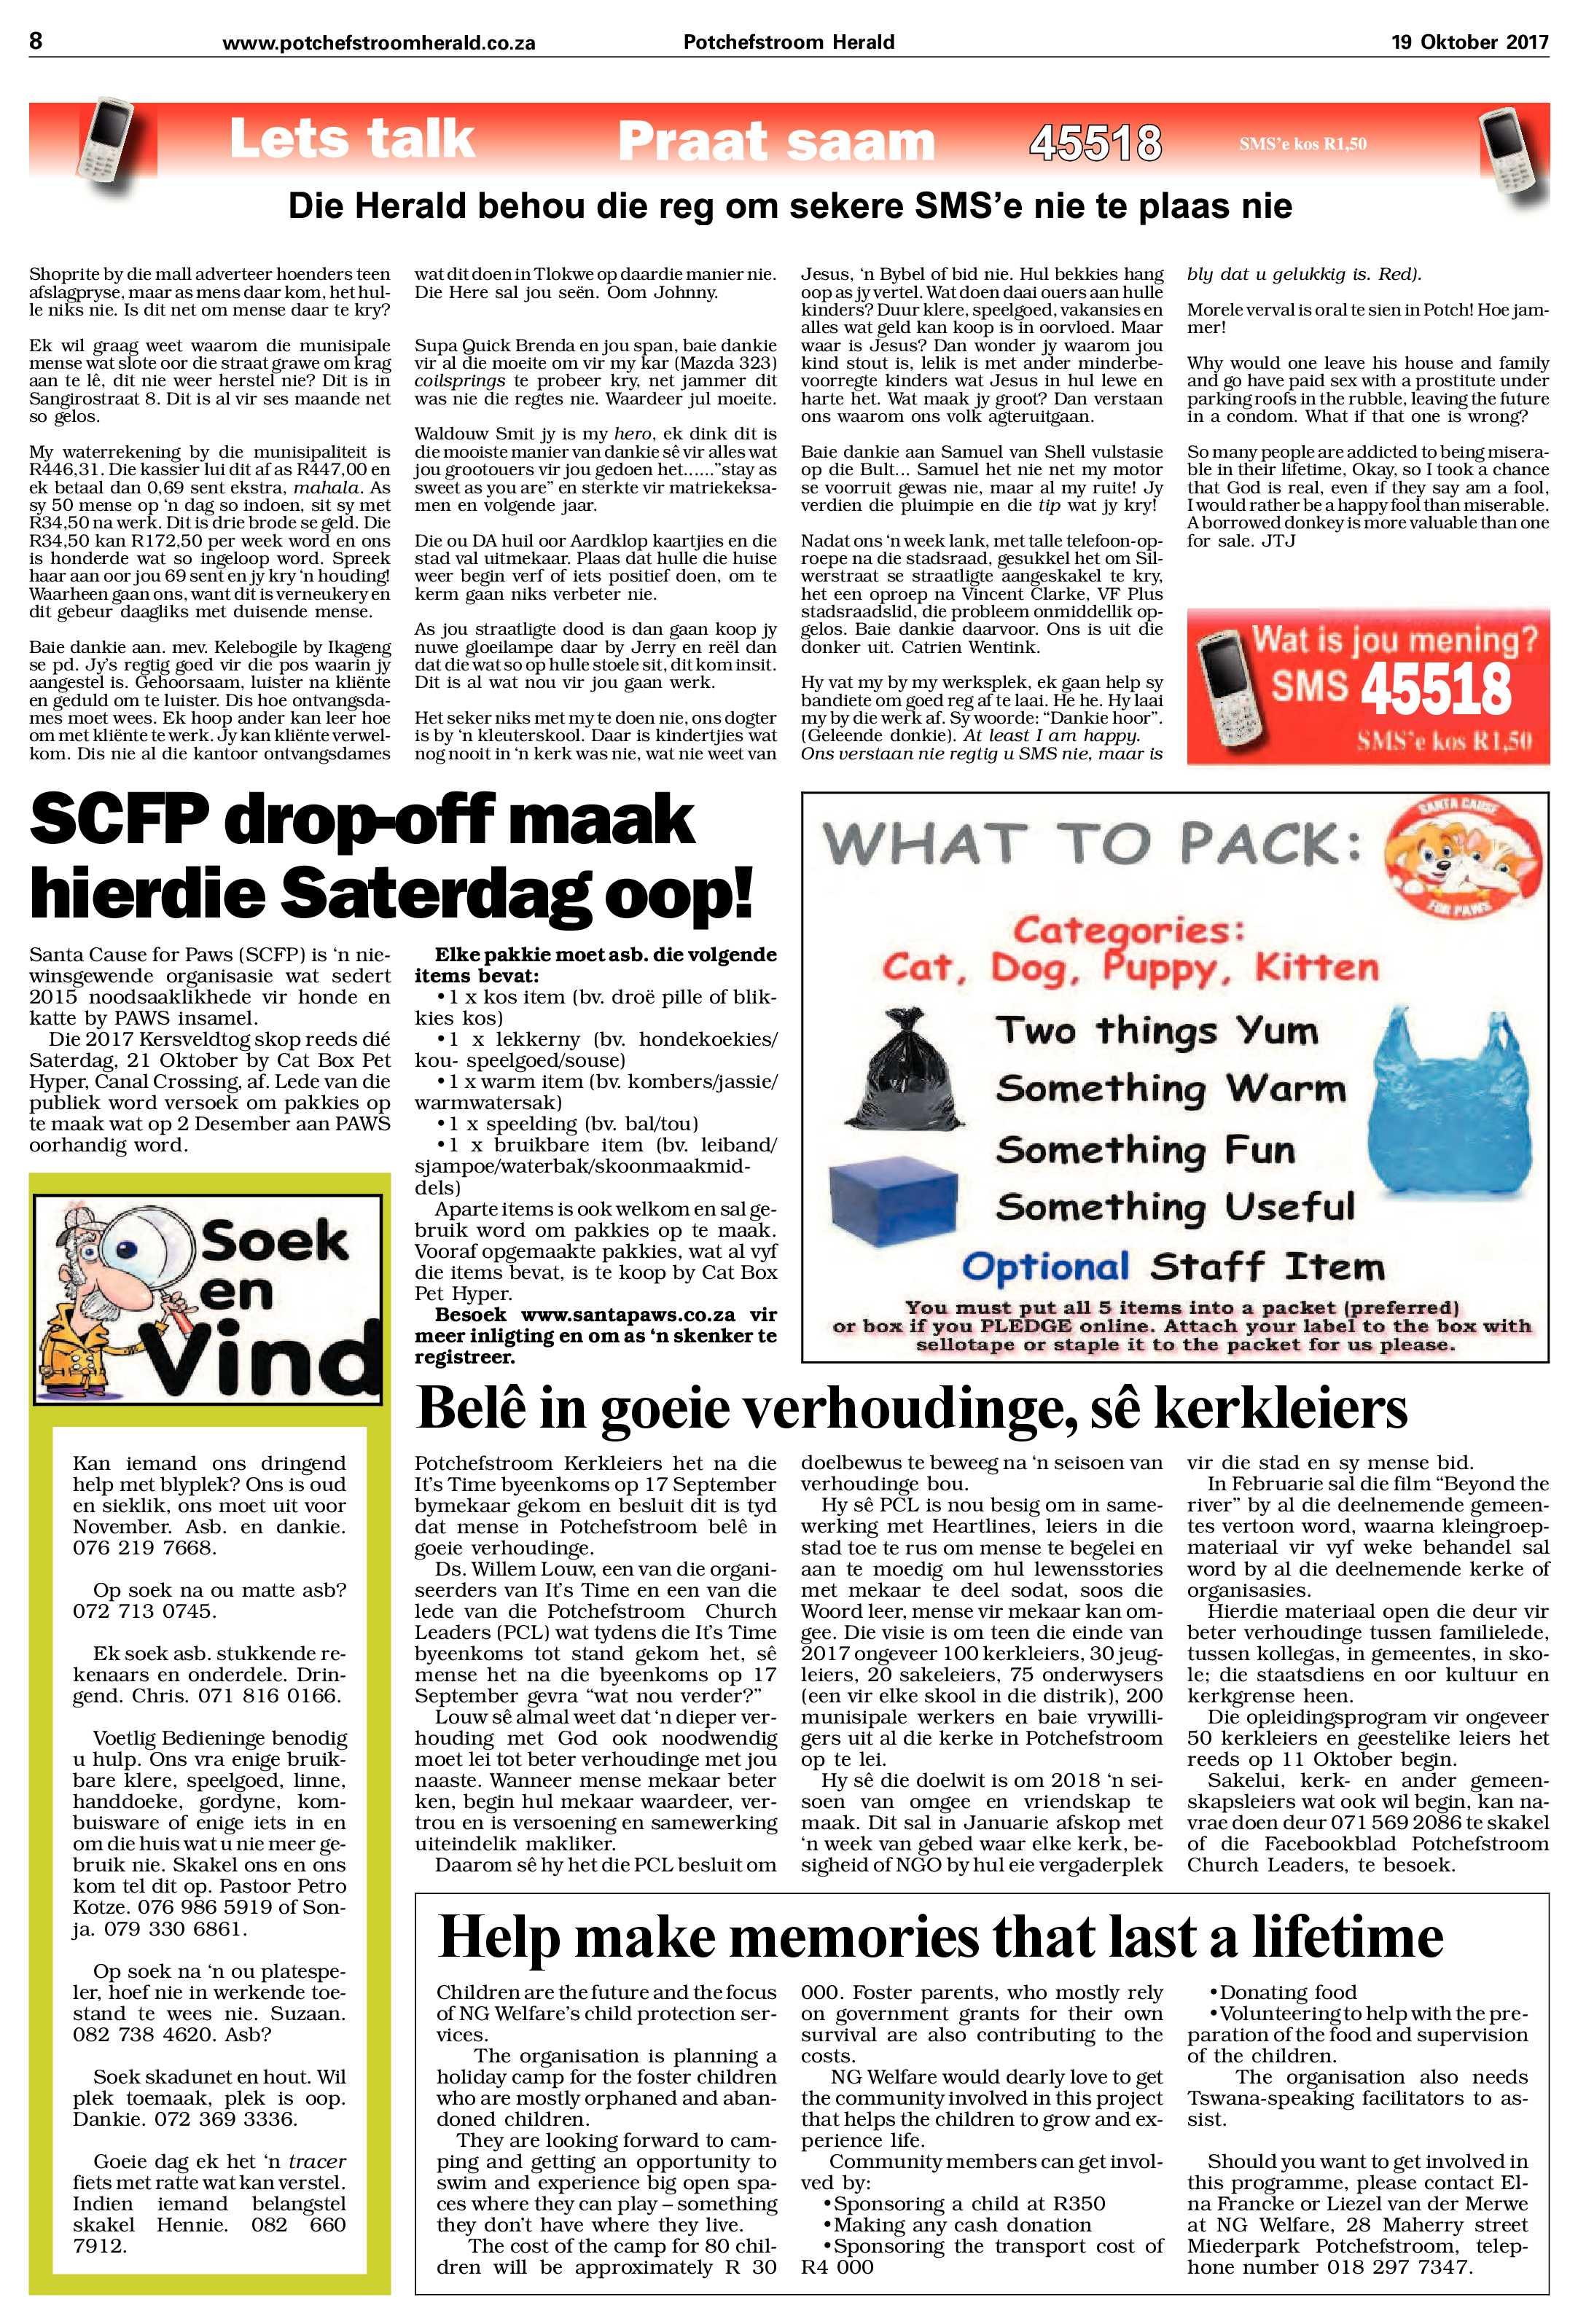 19-oktober-2017-epapers-page-8